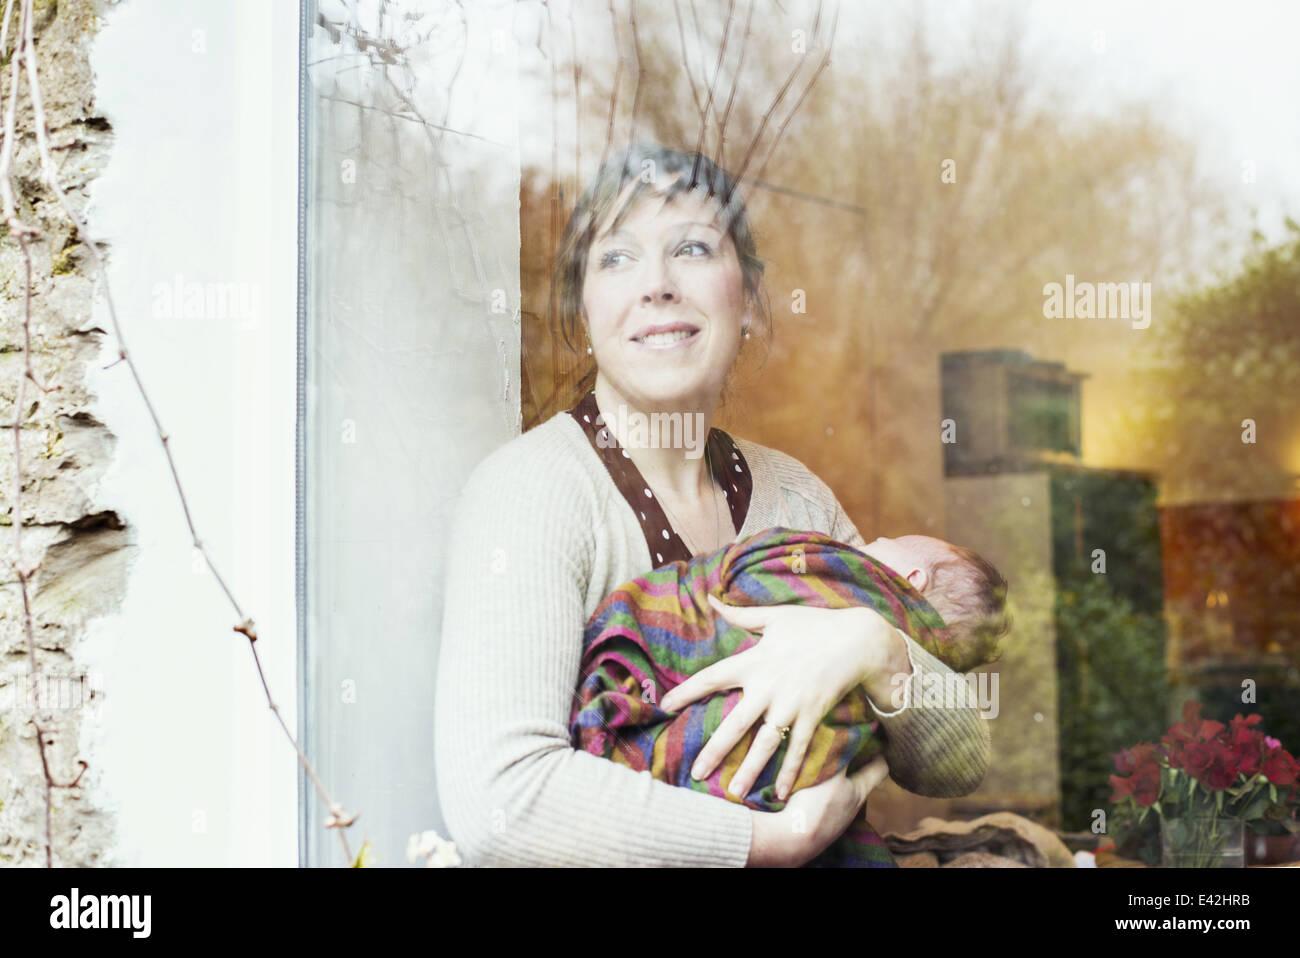 Madre con bambino guardando fuori della finestra Immagini Stock